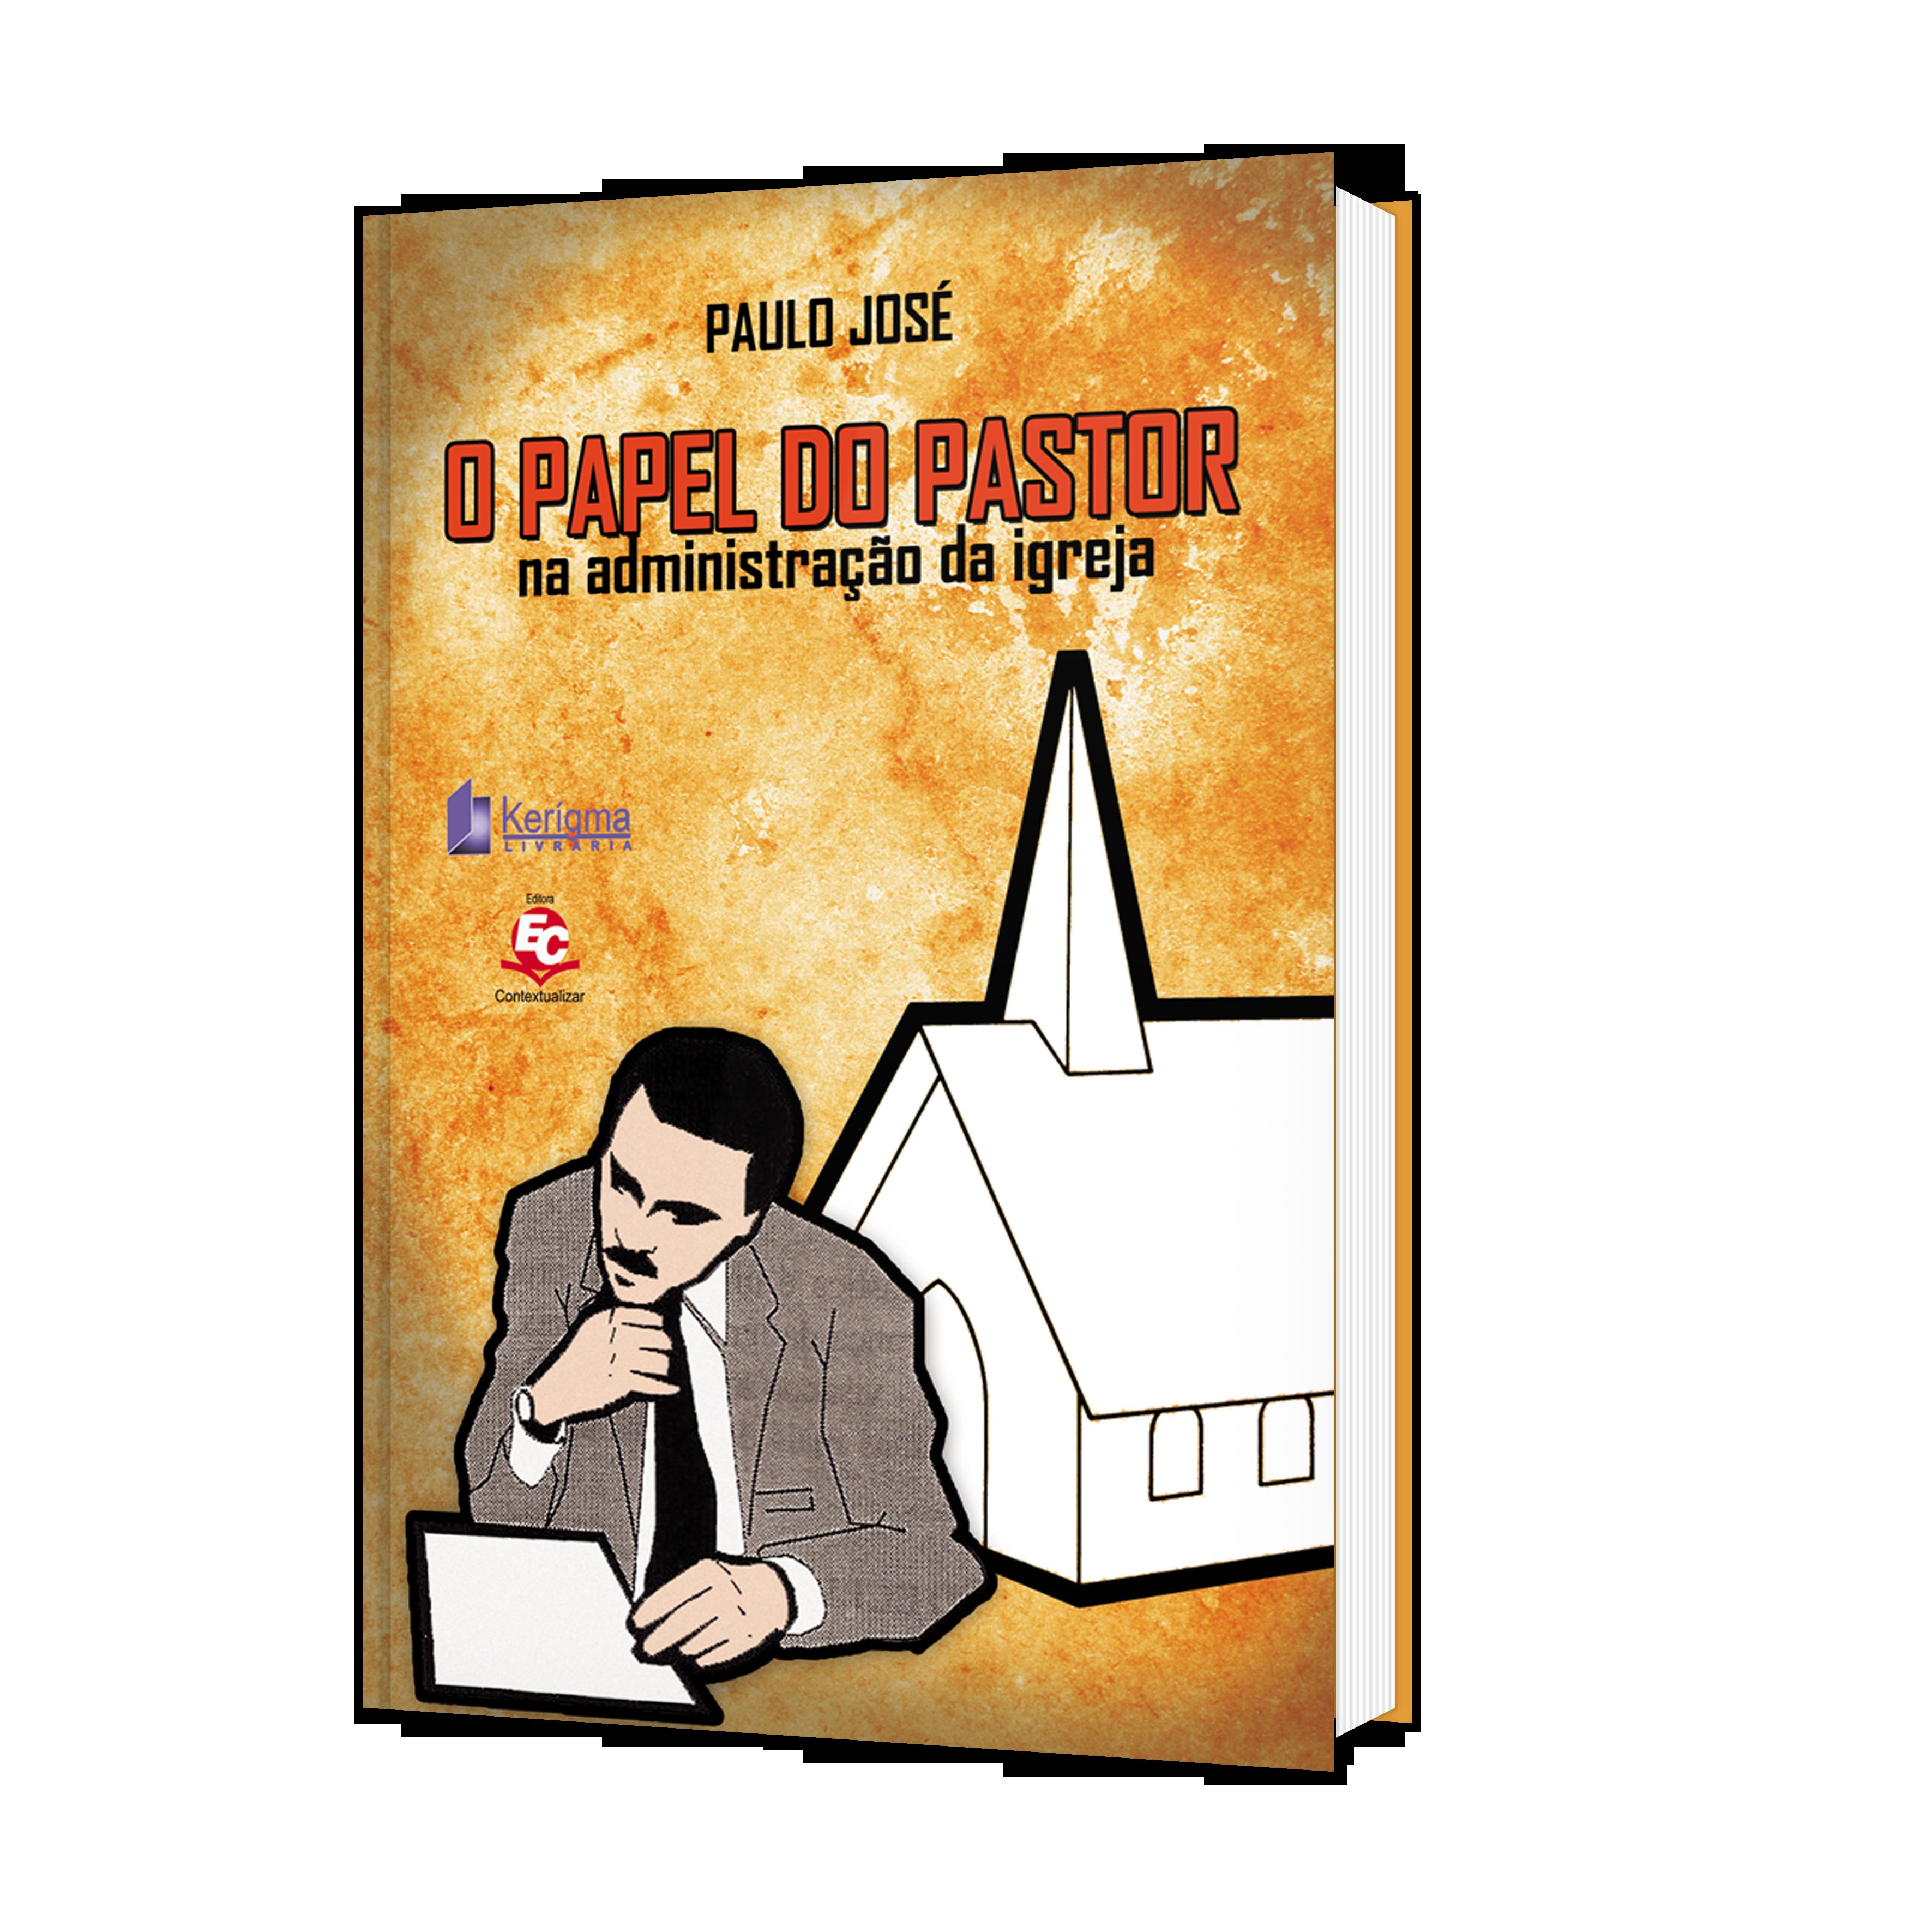 O papel do pastor na administração